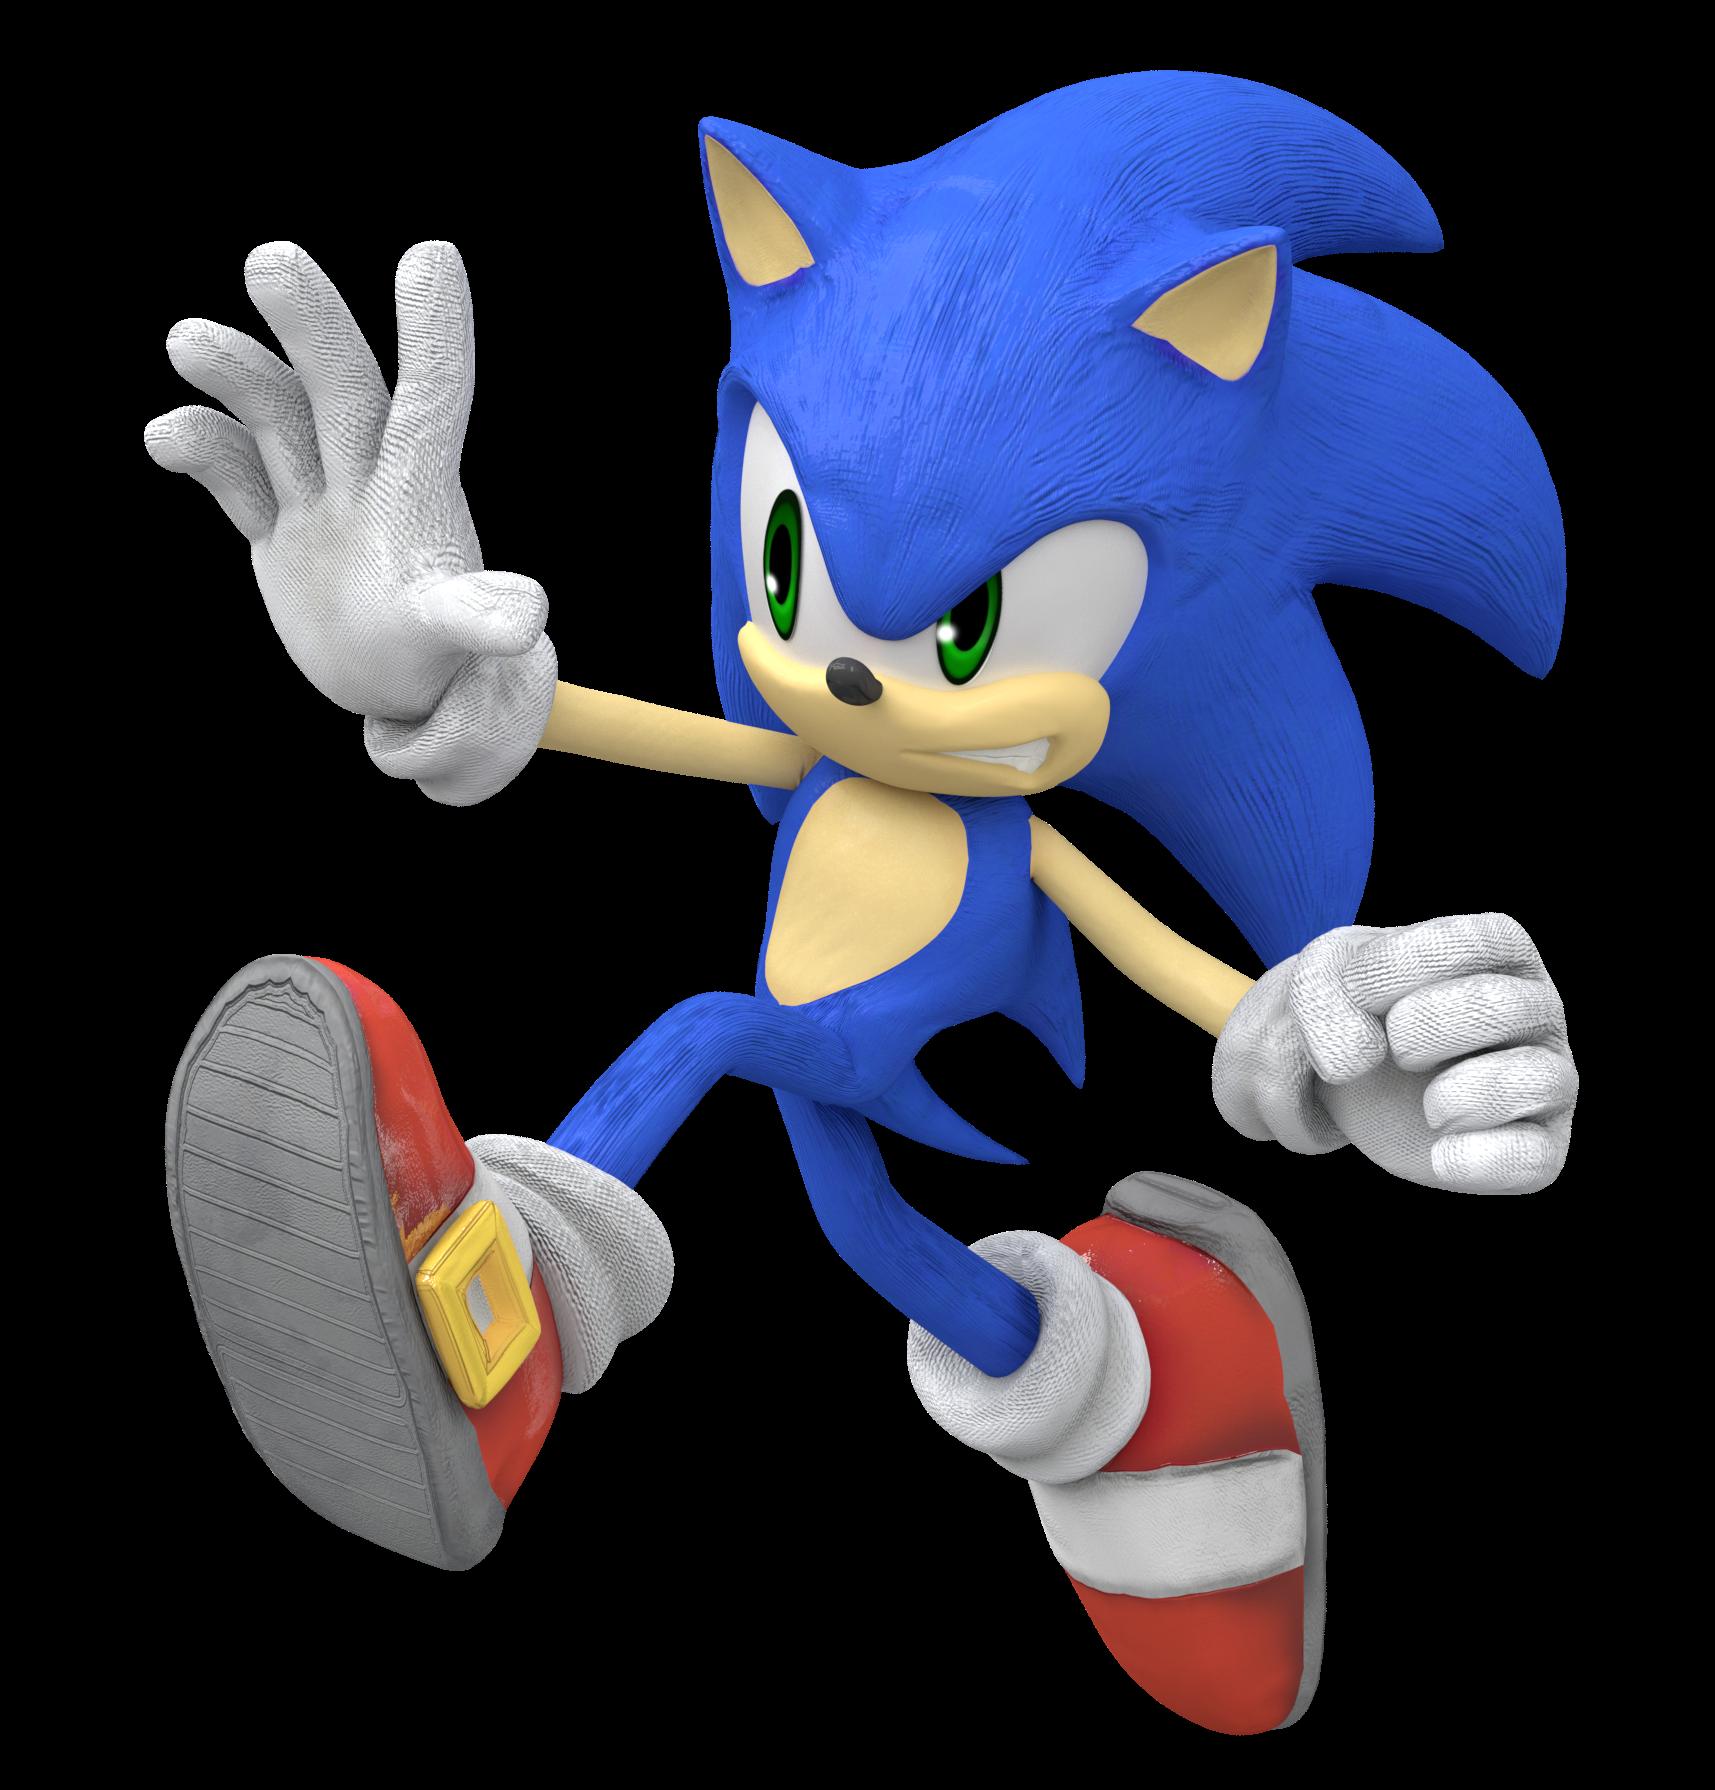 Sonic Super Smash Bros Ultimate Fan Render By Nintega Dario